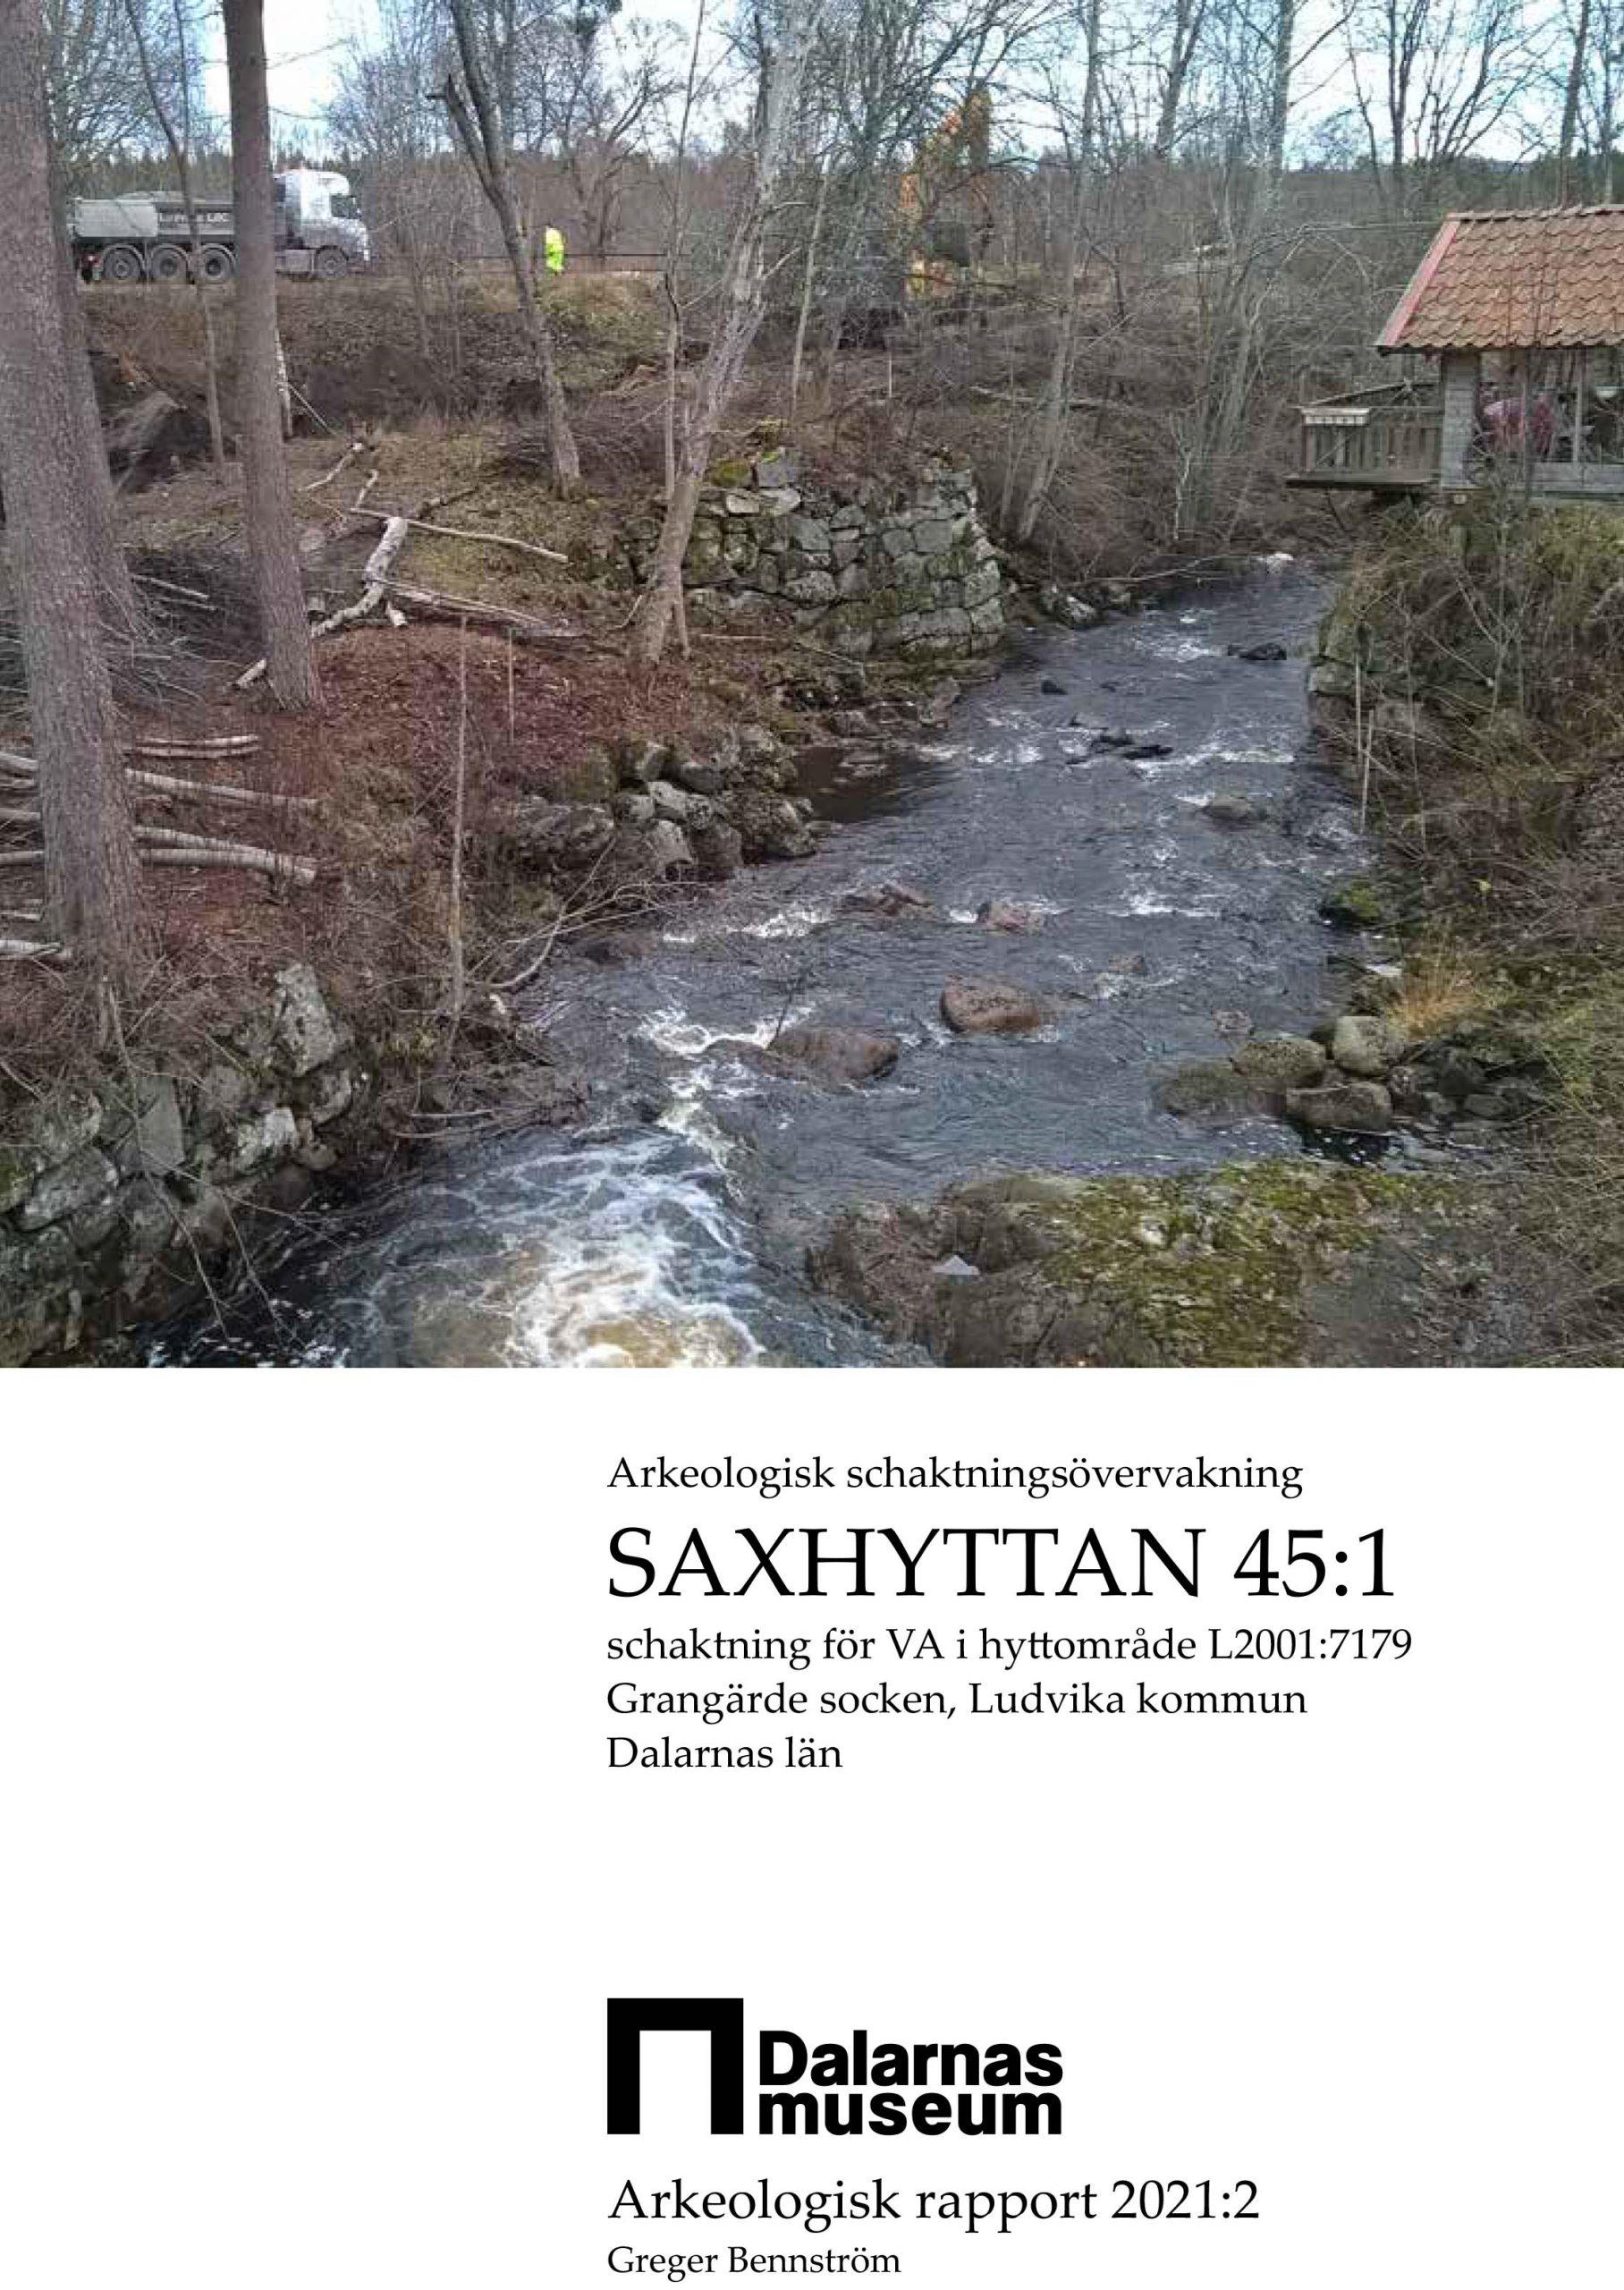 Arkeologiskrapport_Saxhyttan